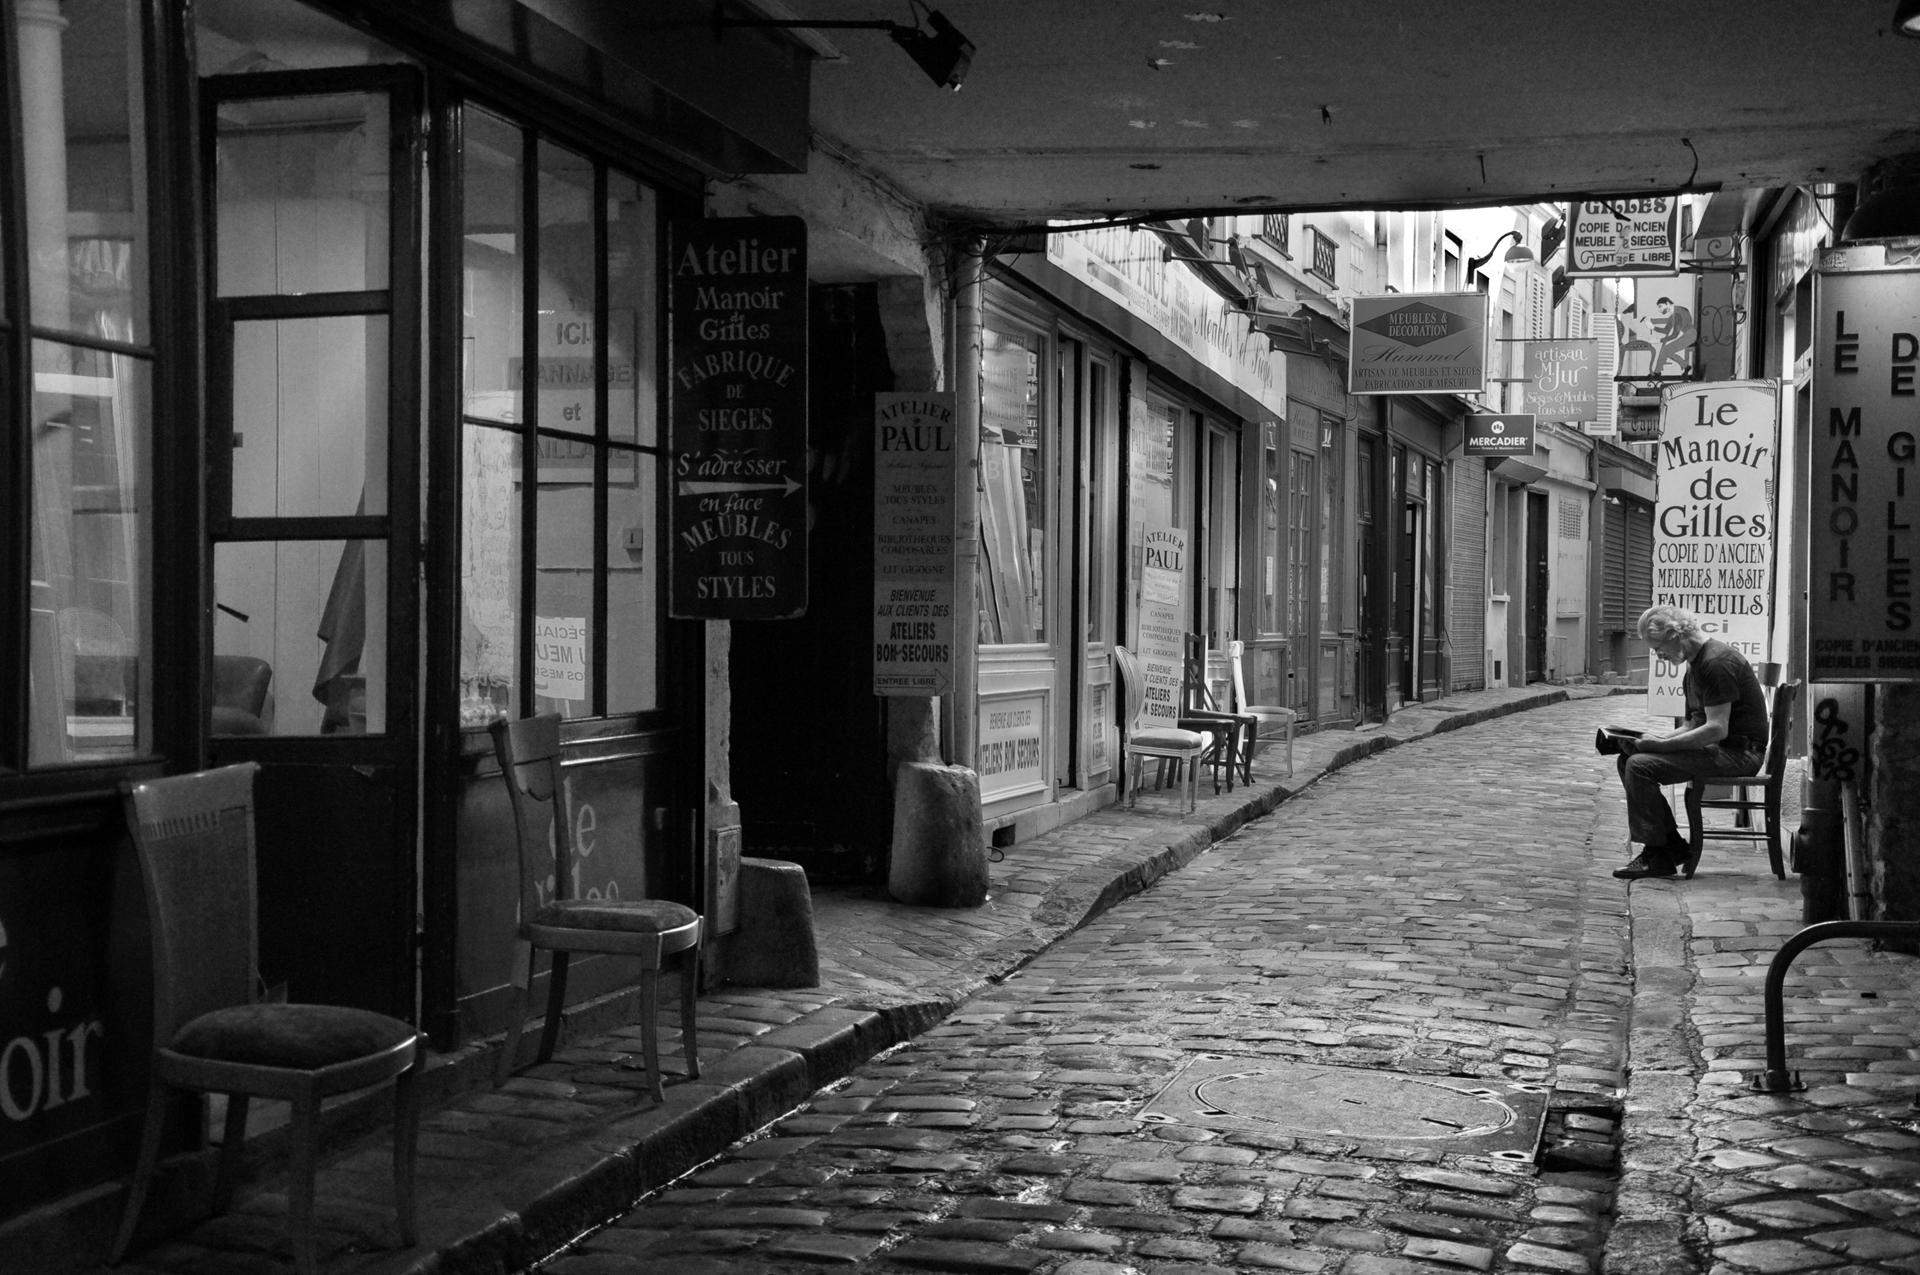 פריז - העיר באפור - סמטת בעלי מלאכה - יואל שתרוג - אדמה יוצרת